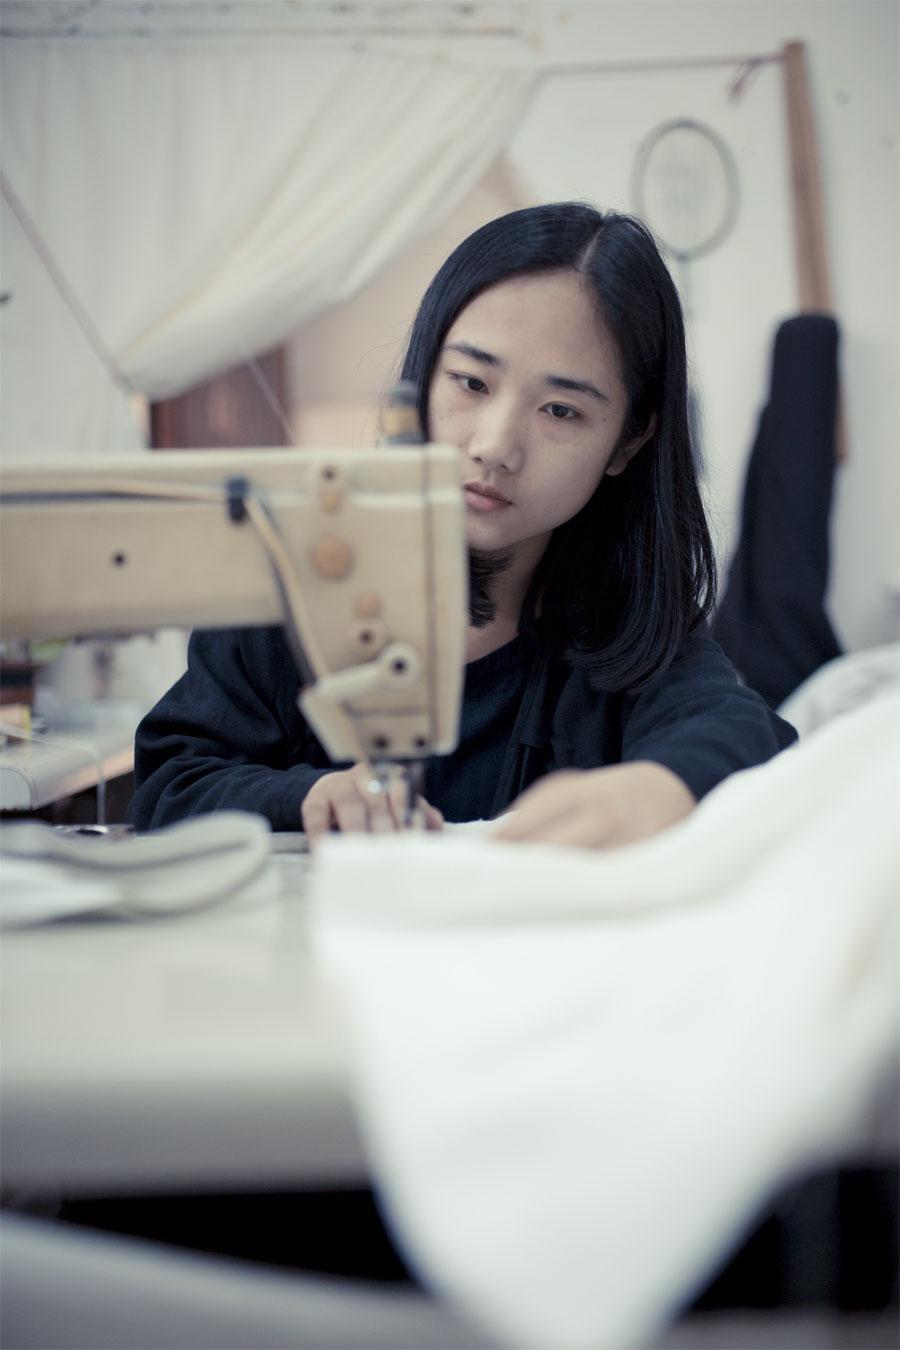 不仅会设计、剪裁,还要会缝纫,这些都是属于基本项目。